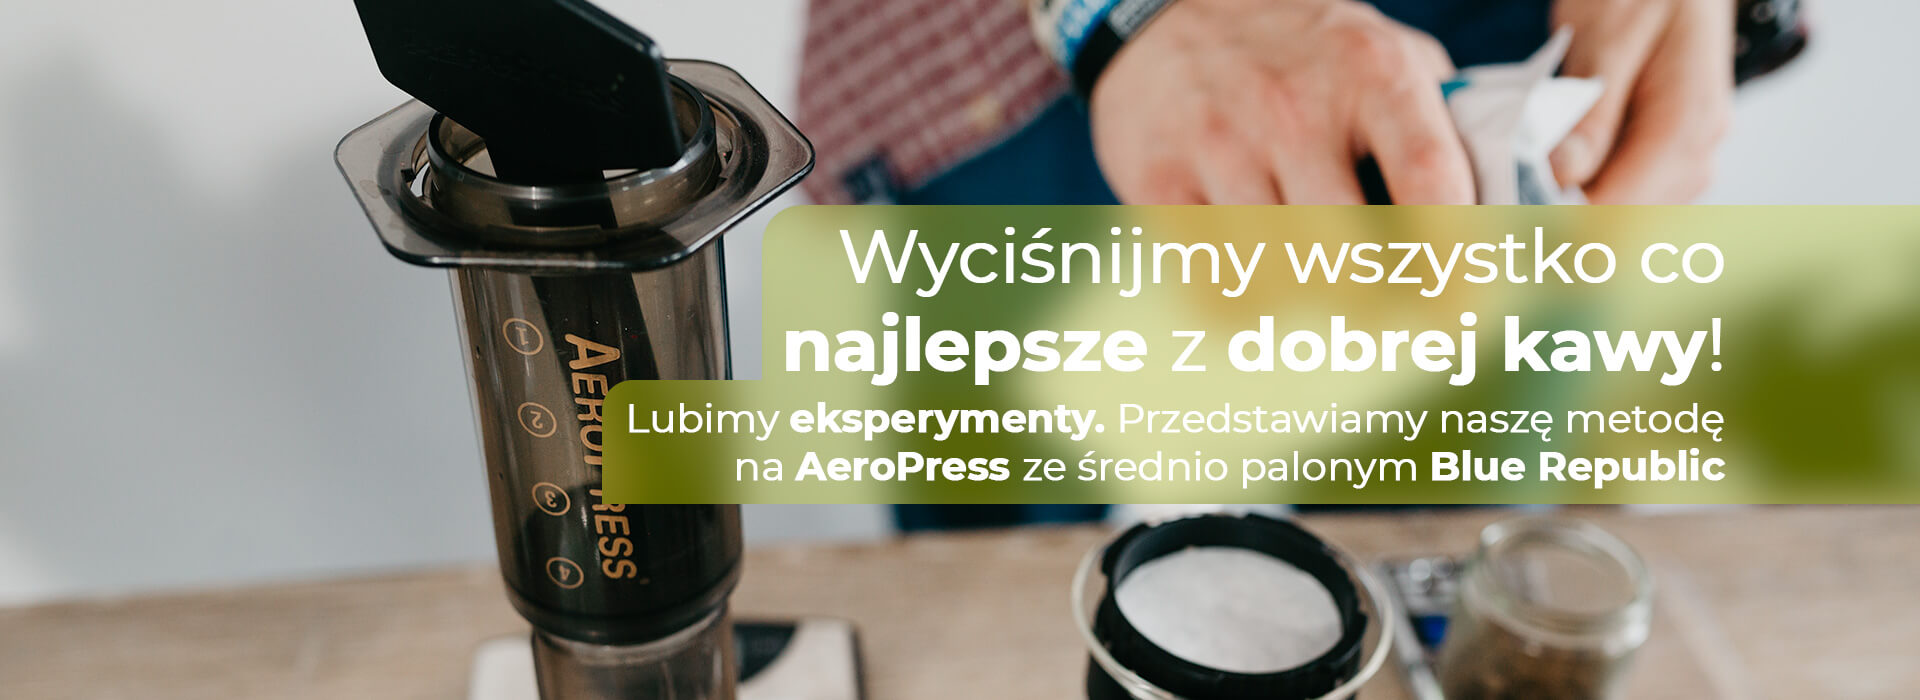 Lubisz kawę i wręcz nie wyobrażasz sobie bez niej dnia? Dodatkowo lubisz podróżować, jesteś w ciągłych rozjazdach, amożna byłoby zaopatrzyć się w takie urządzenie jakim jest Aeropress.  | ZielonyTarg.pl